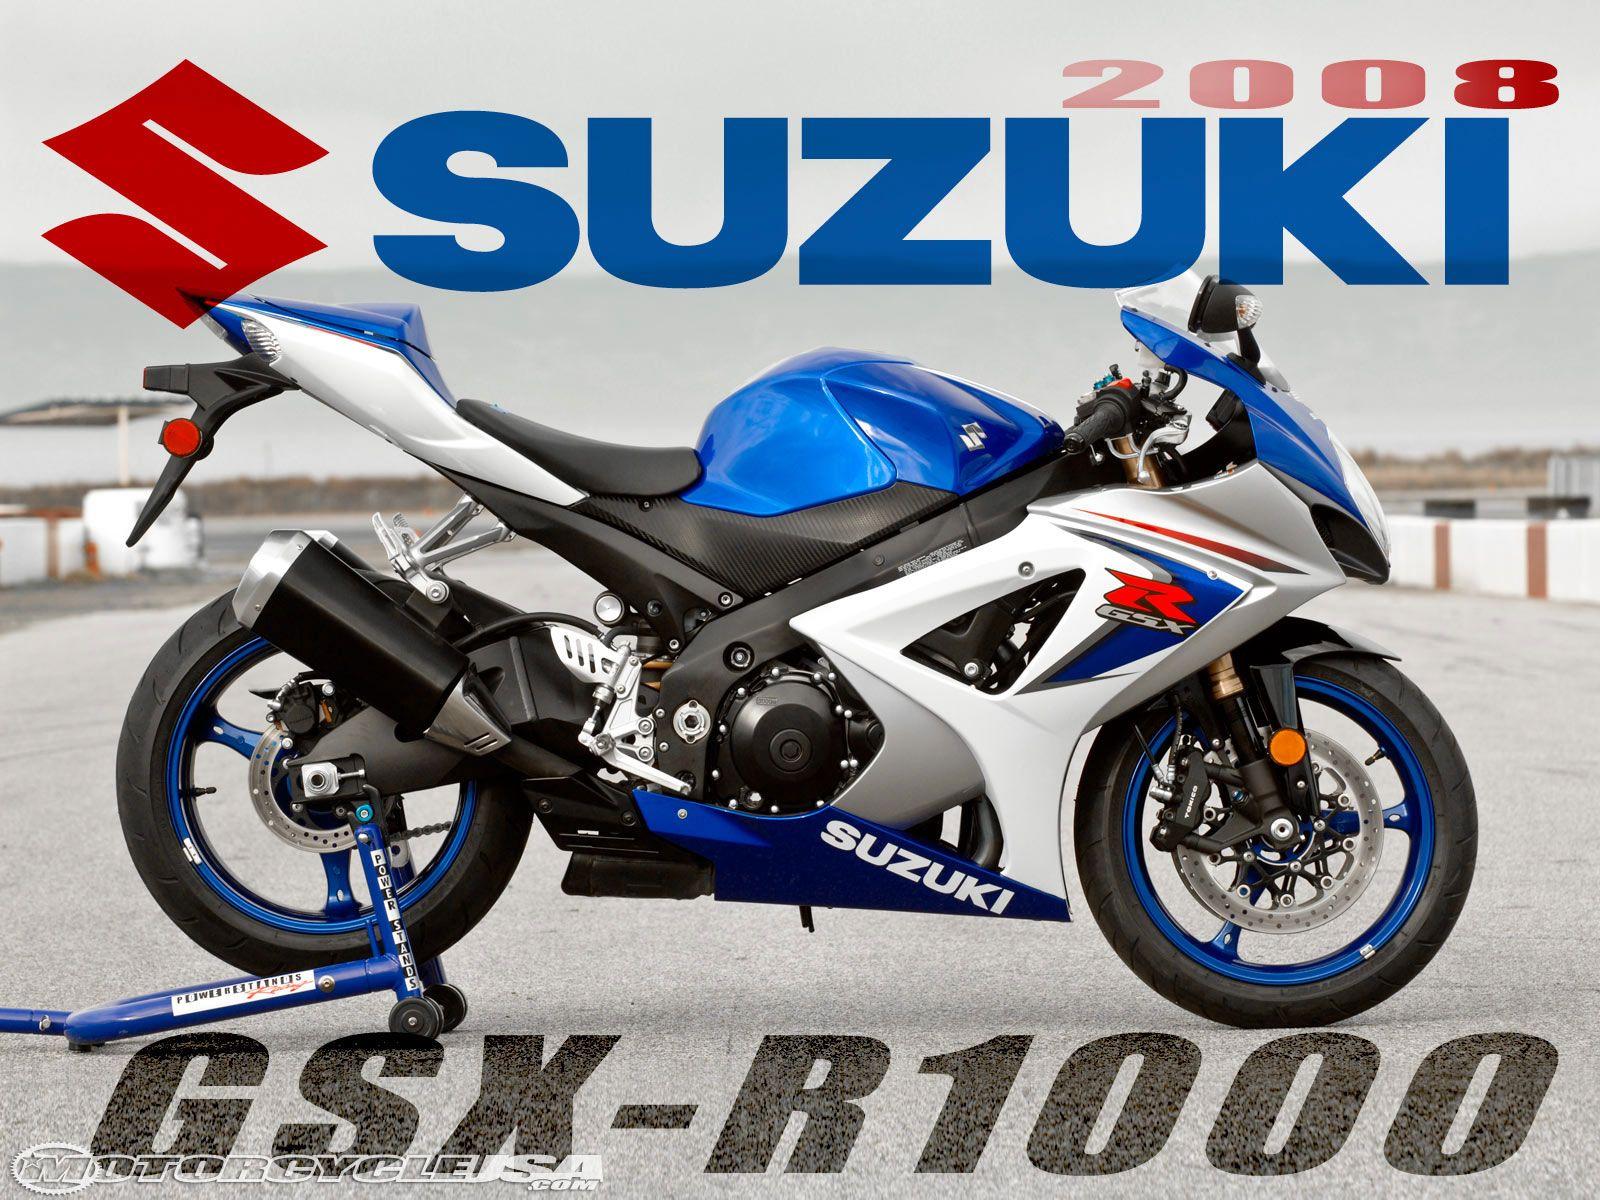 Moto Suzuki Gsr 1000 – Idea di immagine del motocicletta